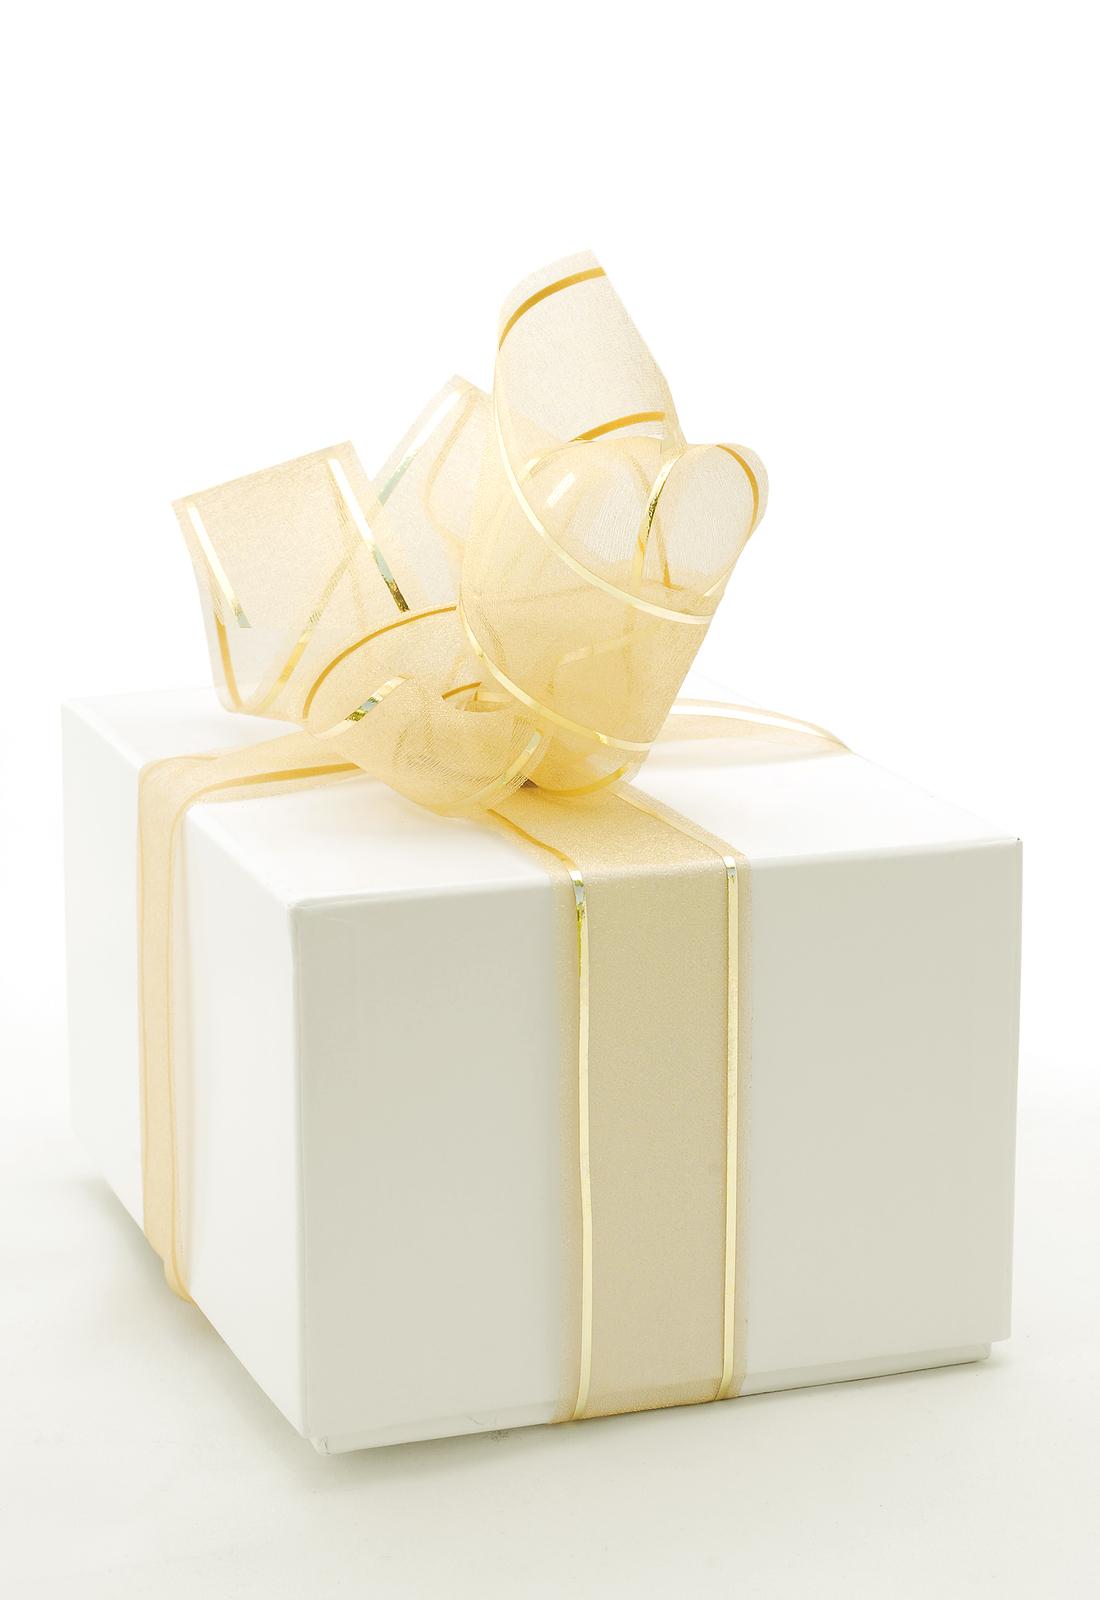 bigstock_White_Present_Box_1735532